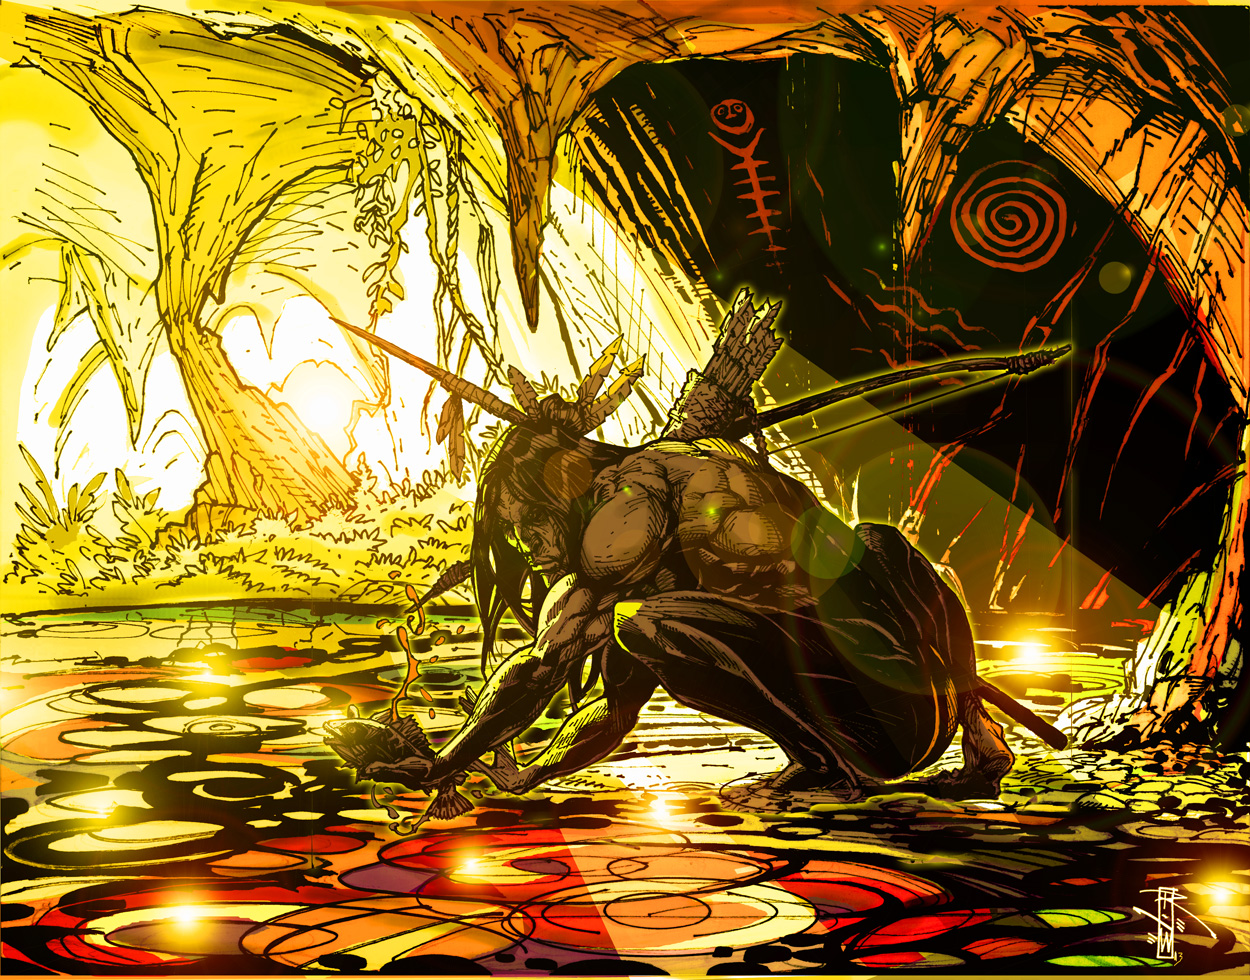 Interpretation of Los Indios De Las Augas by Artist-Illustrator Ray Wu